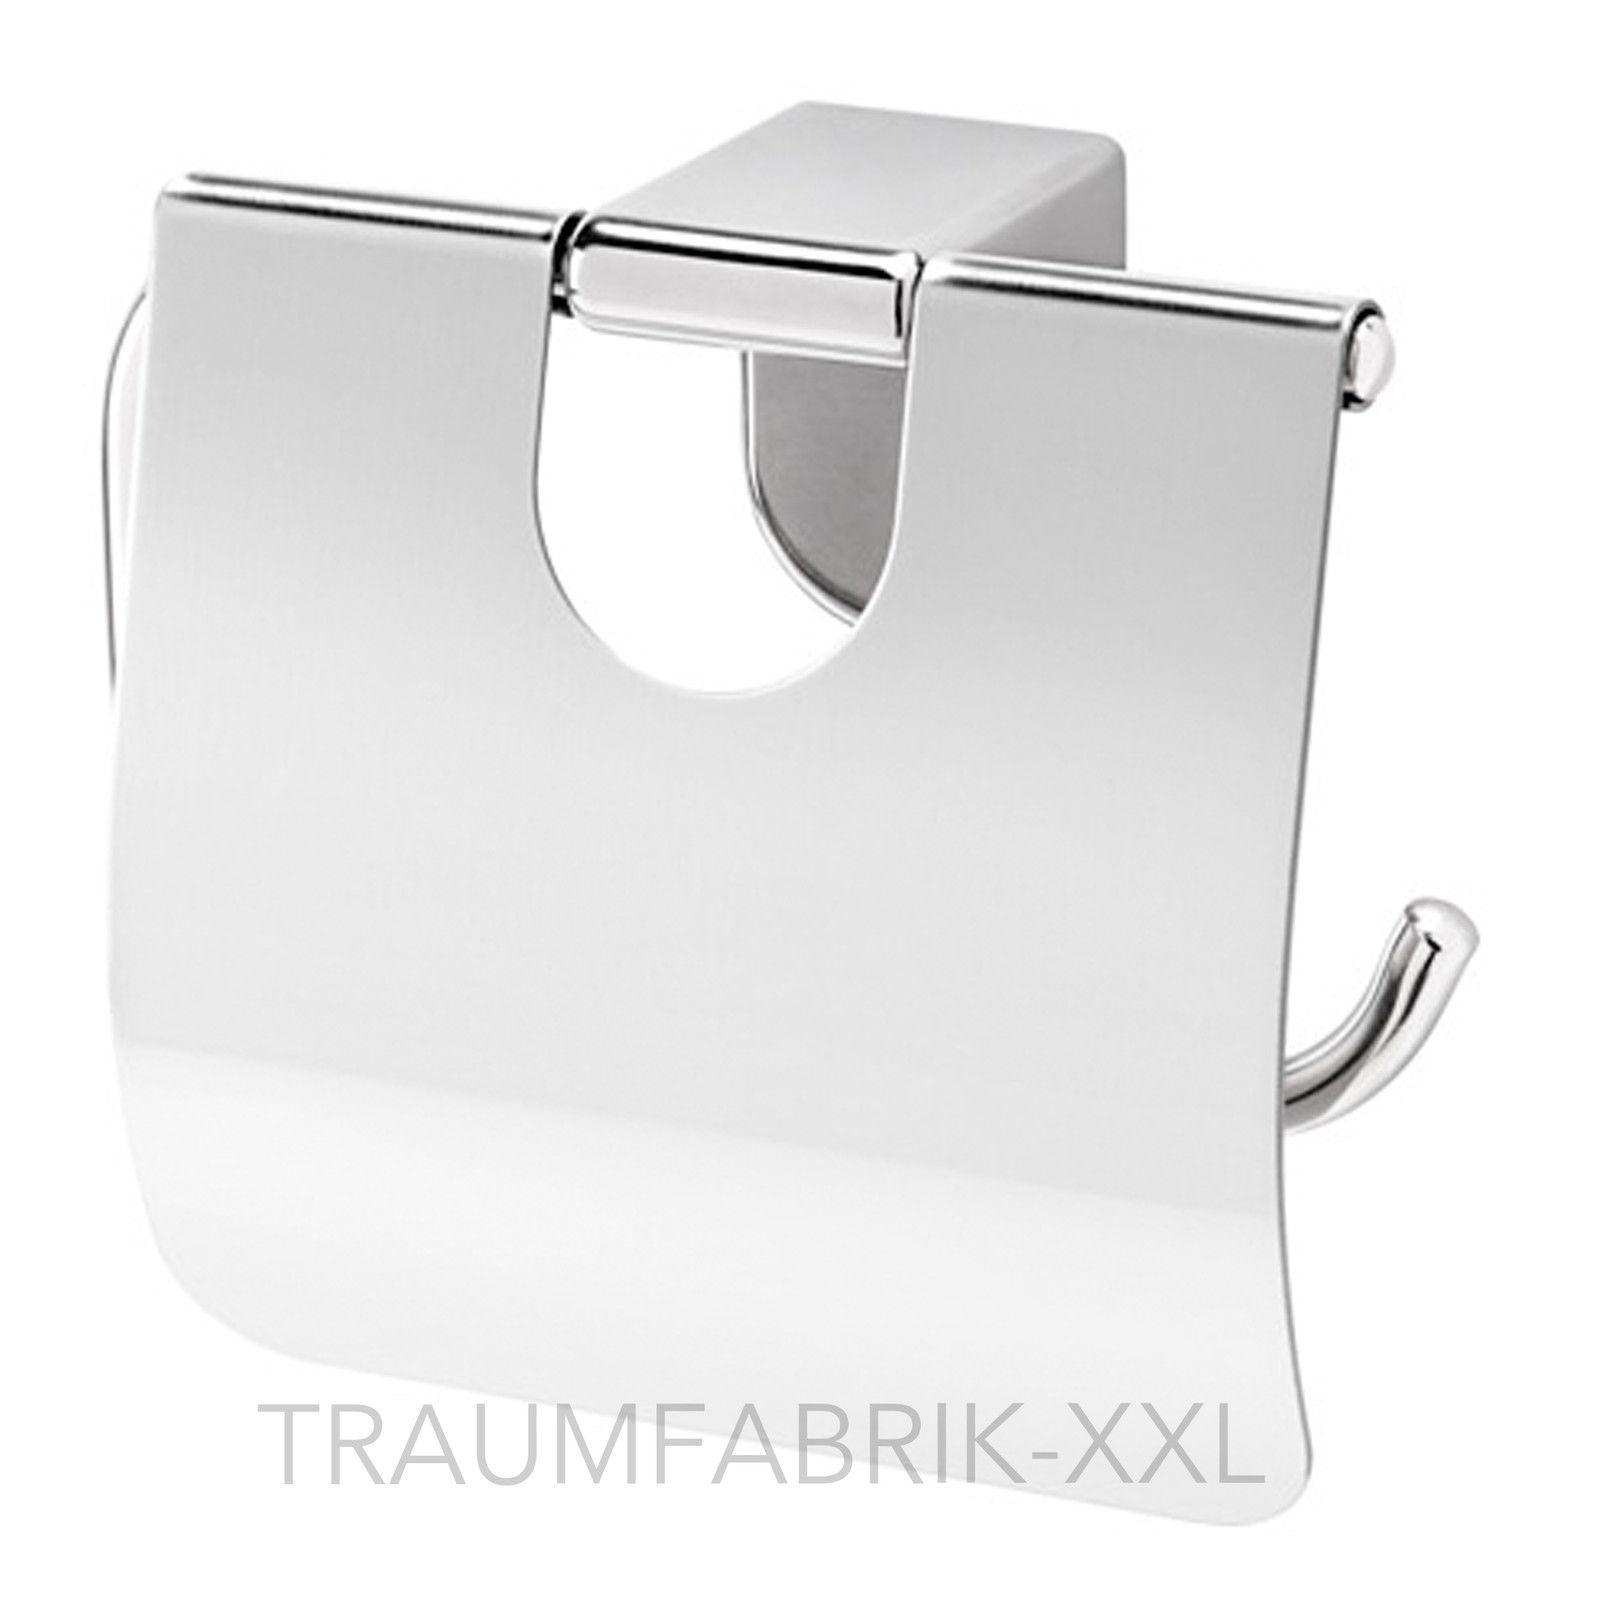 ikea kalkgrund toilettenpapierhalter verchromt wc papier halter wc rollenhalter traumfabrik xxl. Black Bedroom Furniture Sets. Home Design Ideas